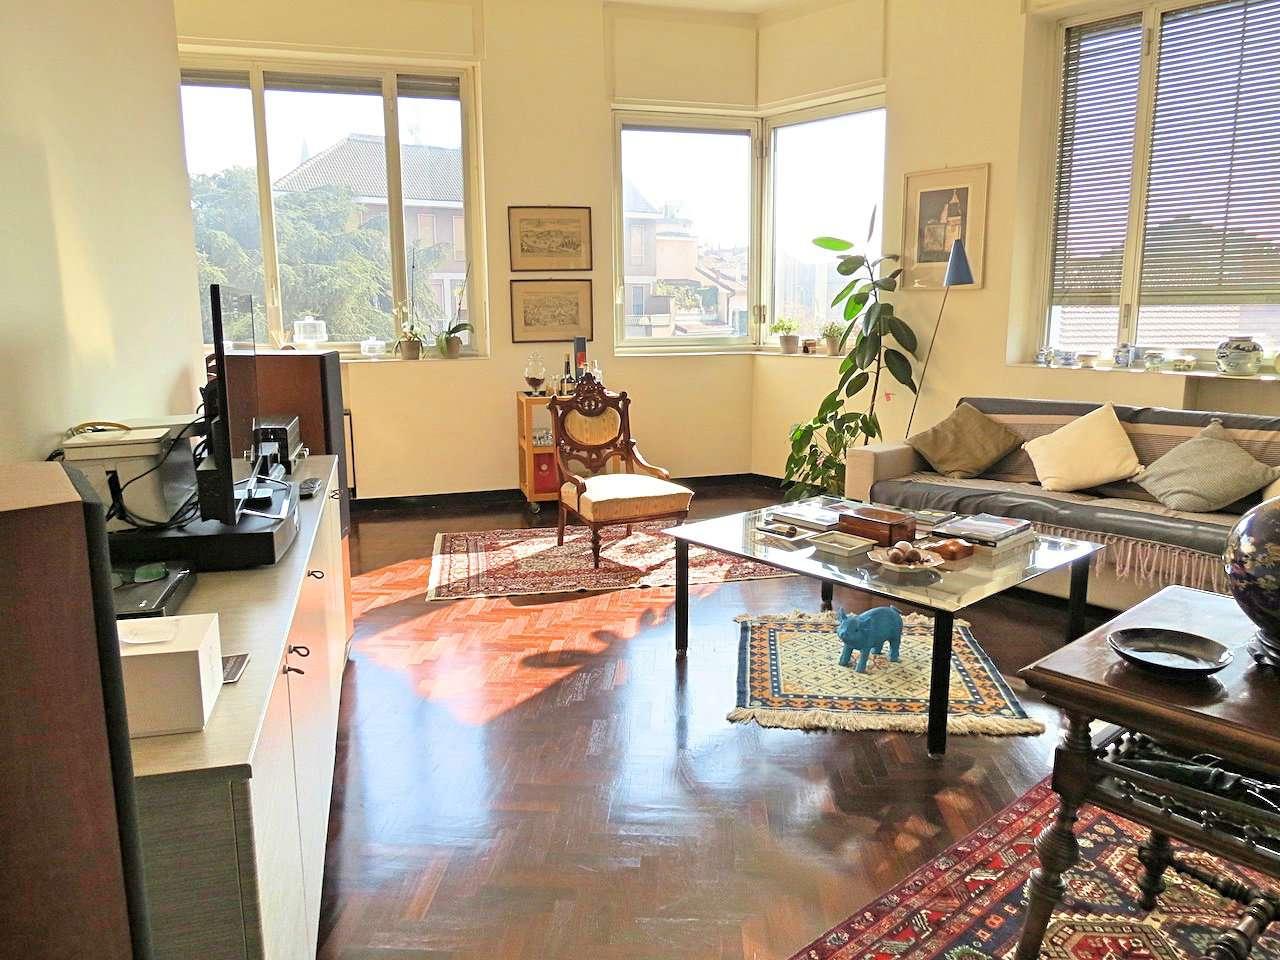 Appartamenti in vendita a milano in zona porta ticinese - Immobiliare benedetti milano ...